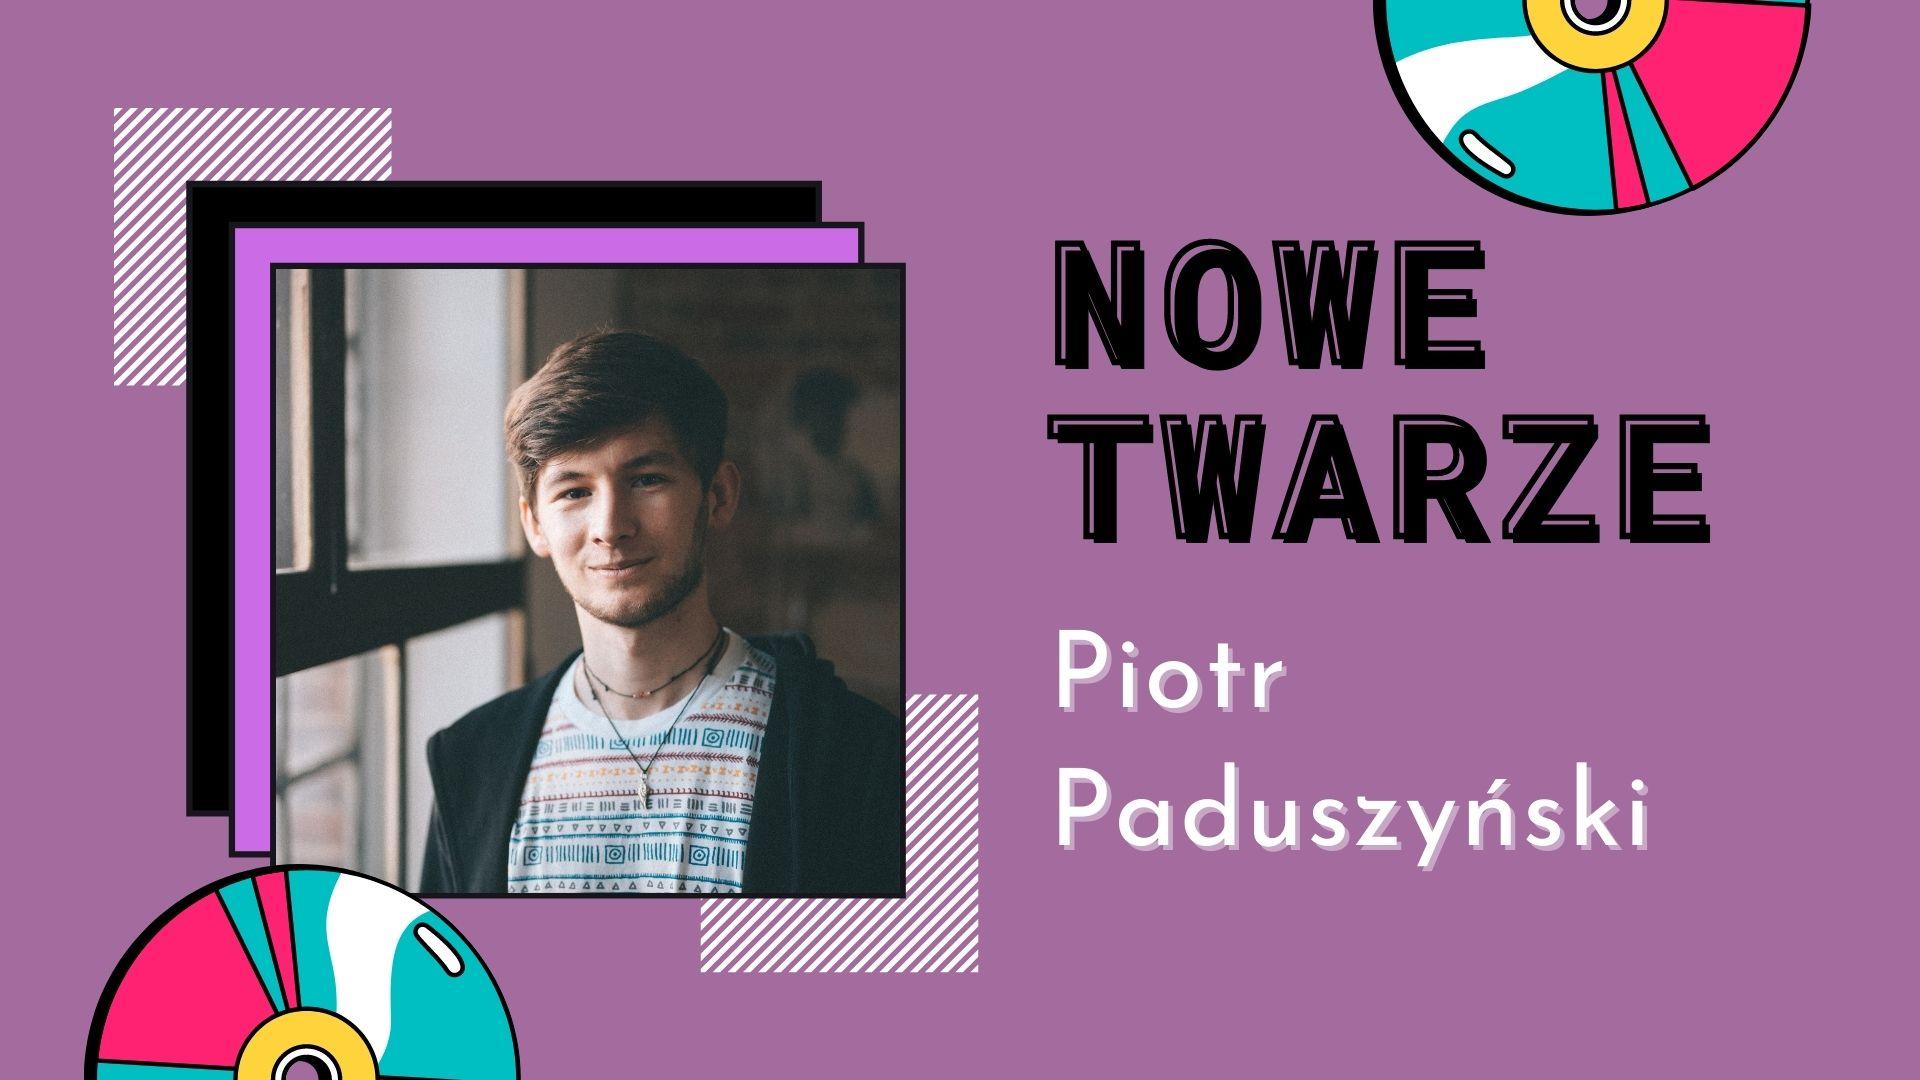 NOWE TWARZE    Piotr Paduszyński